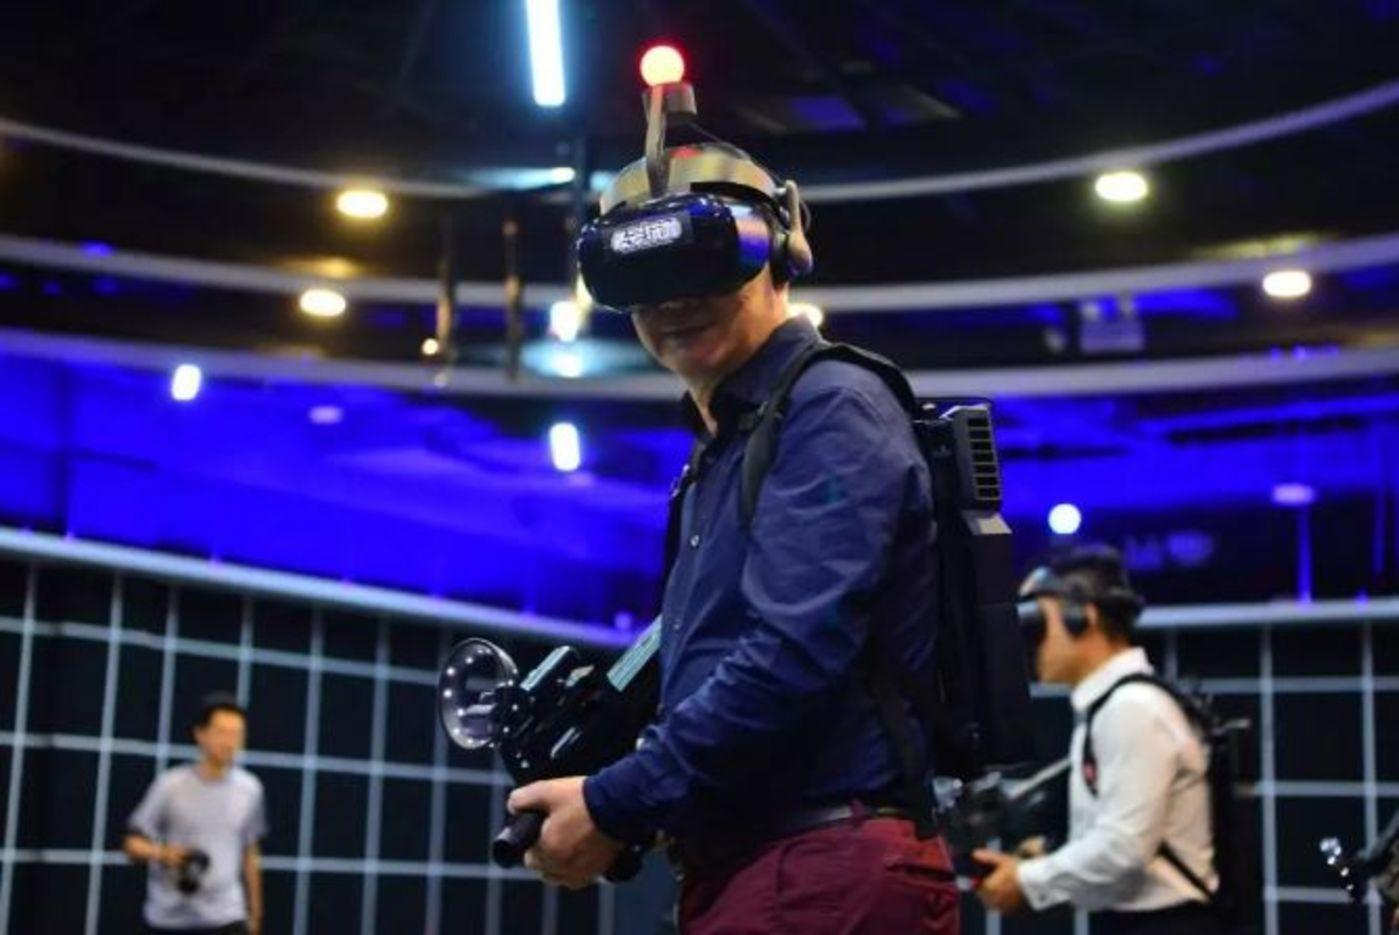 玩VR游戏的张召忠